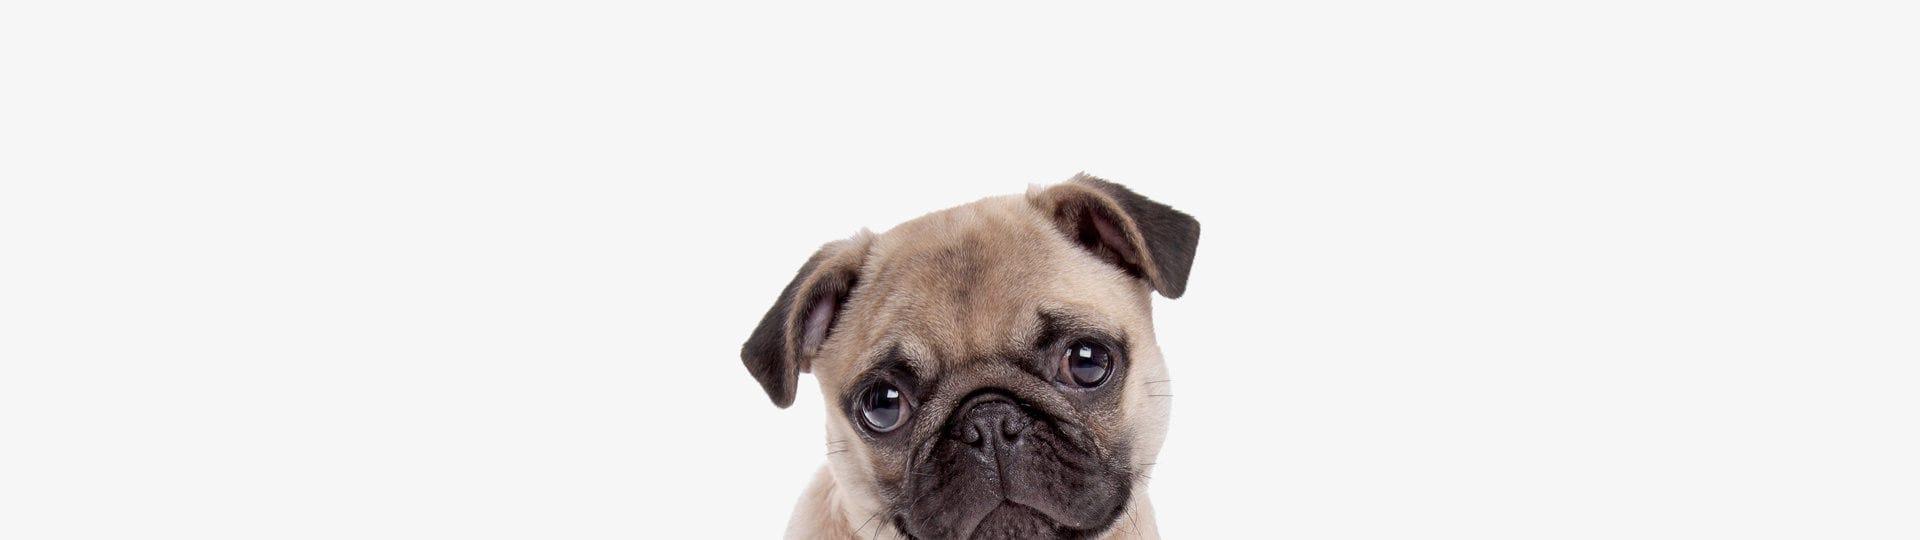 psy taky prožívají stres